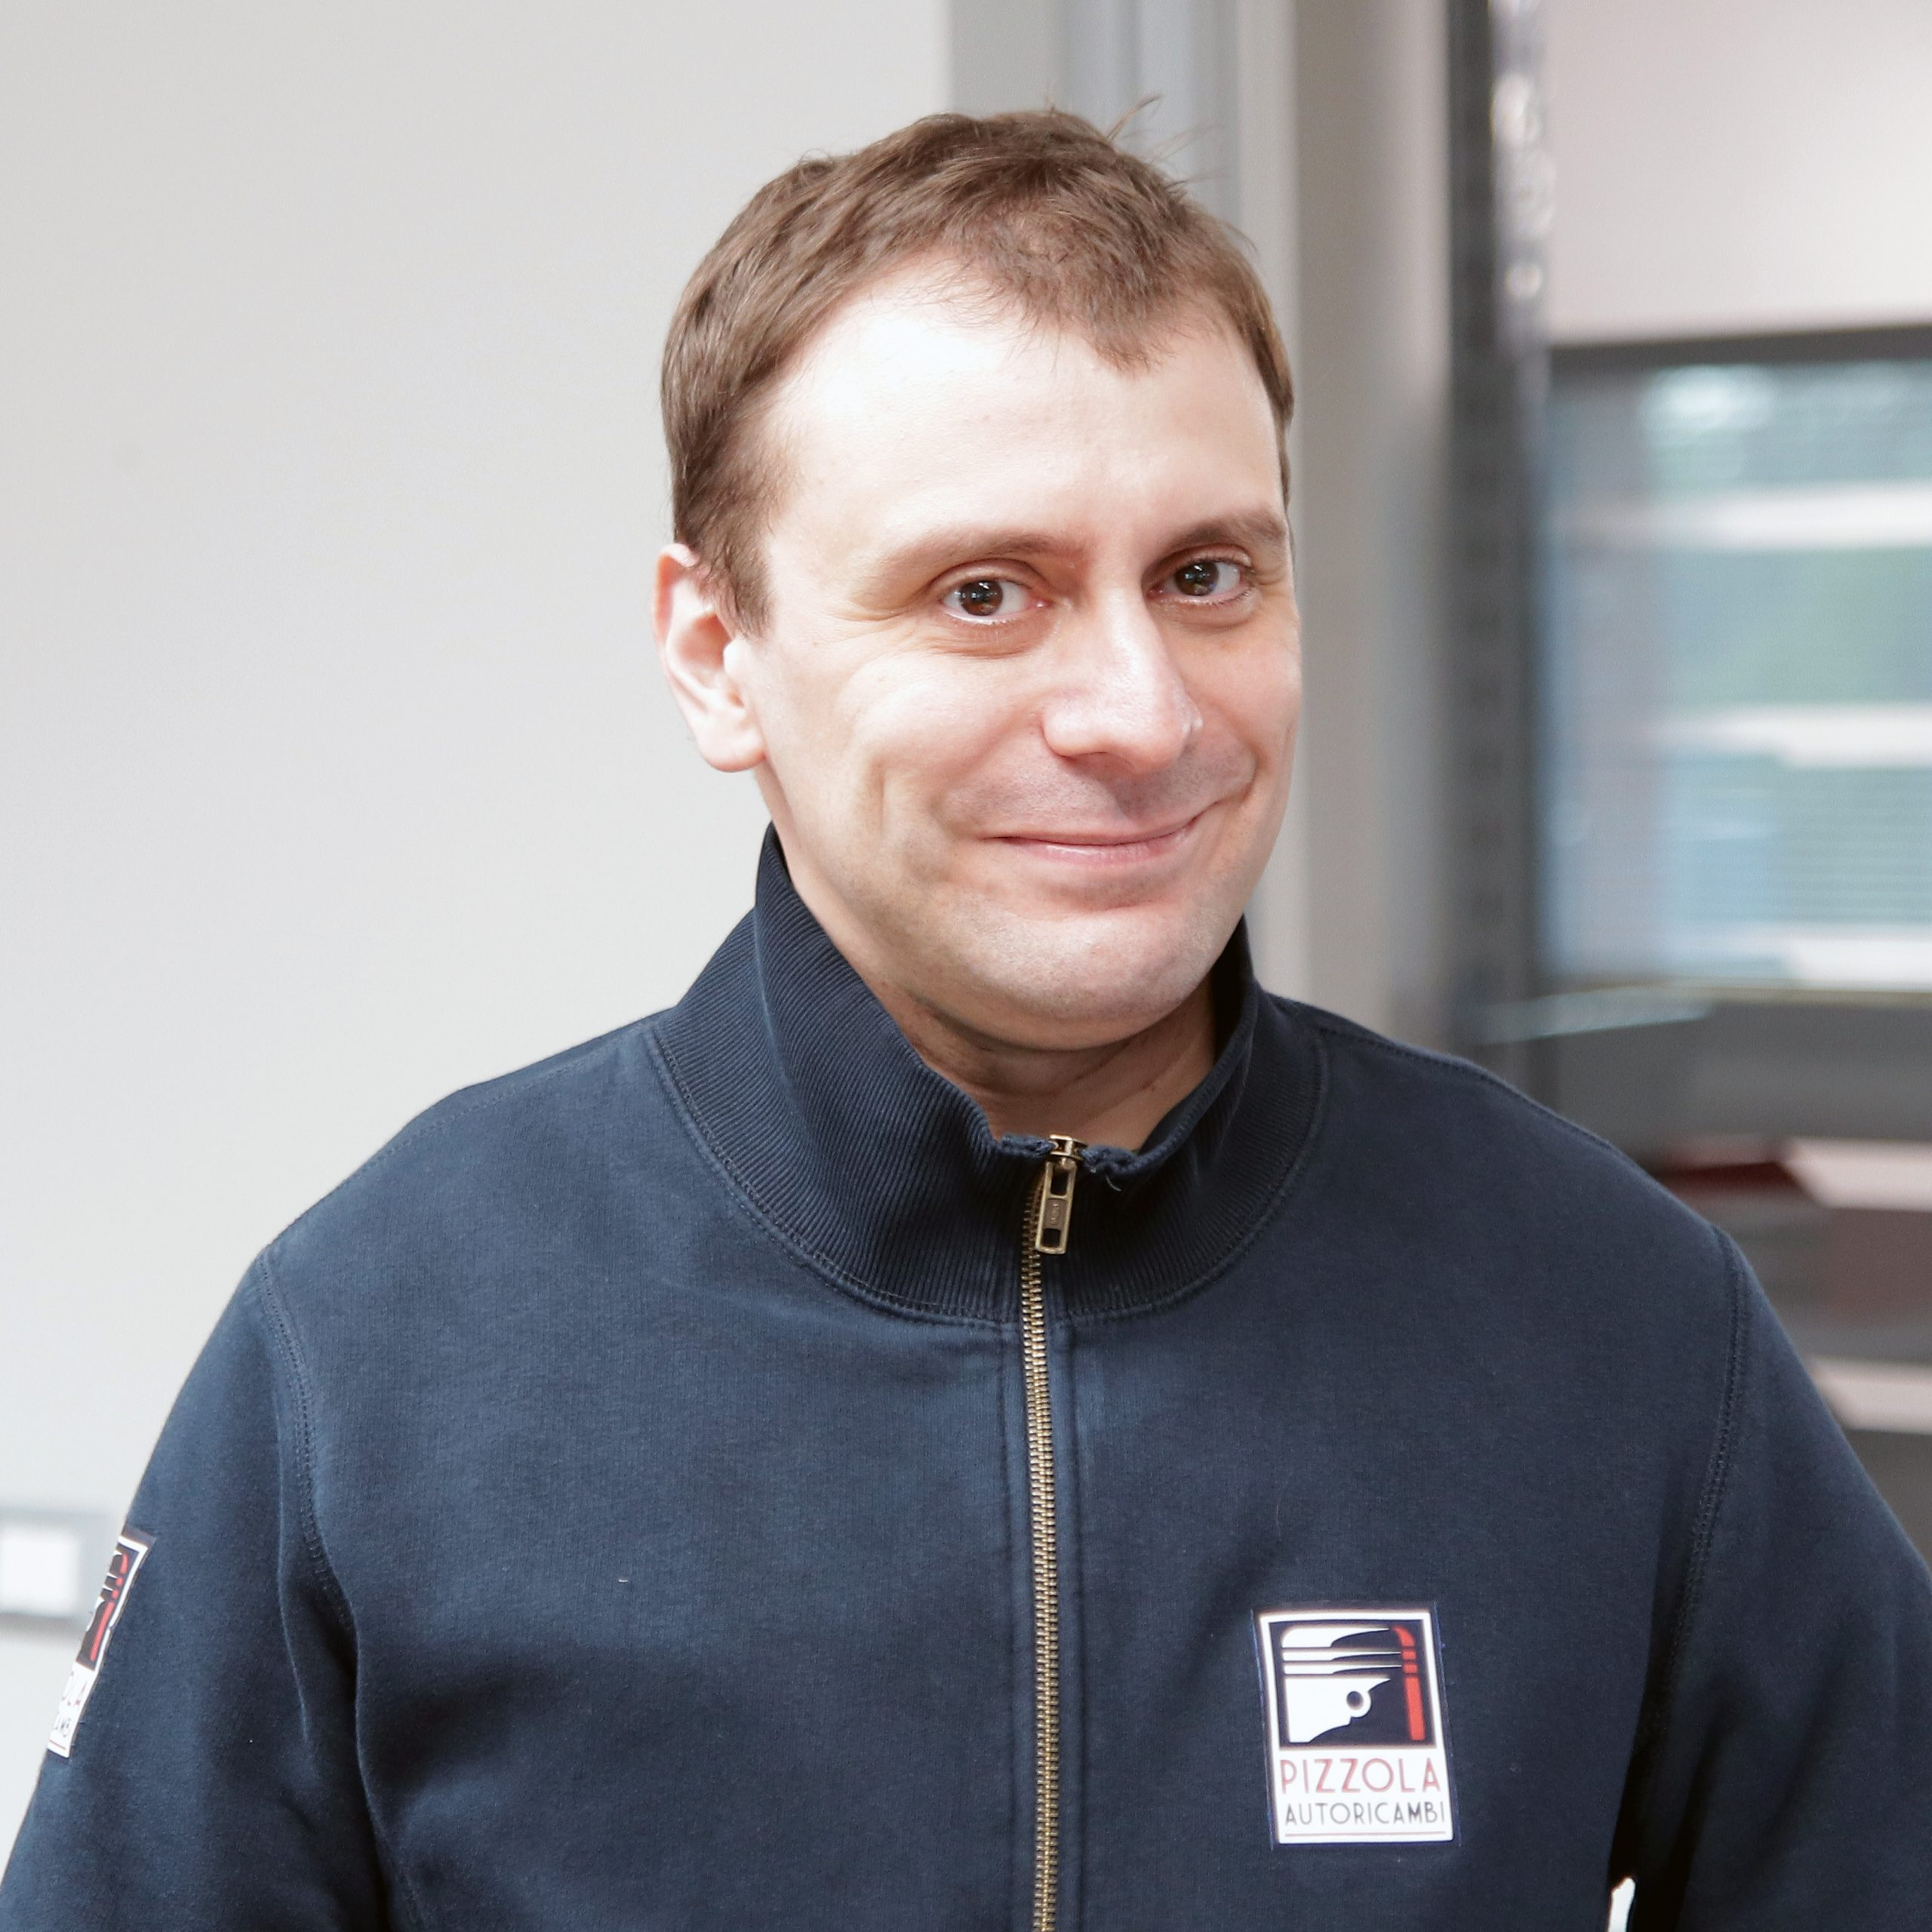 Daniele Pettorazzi